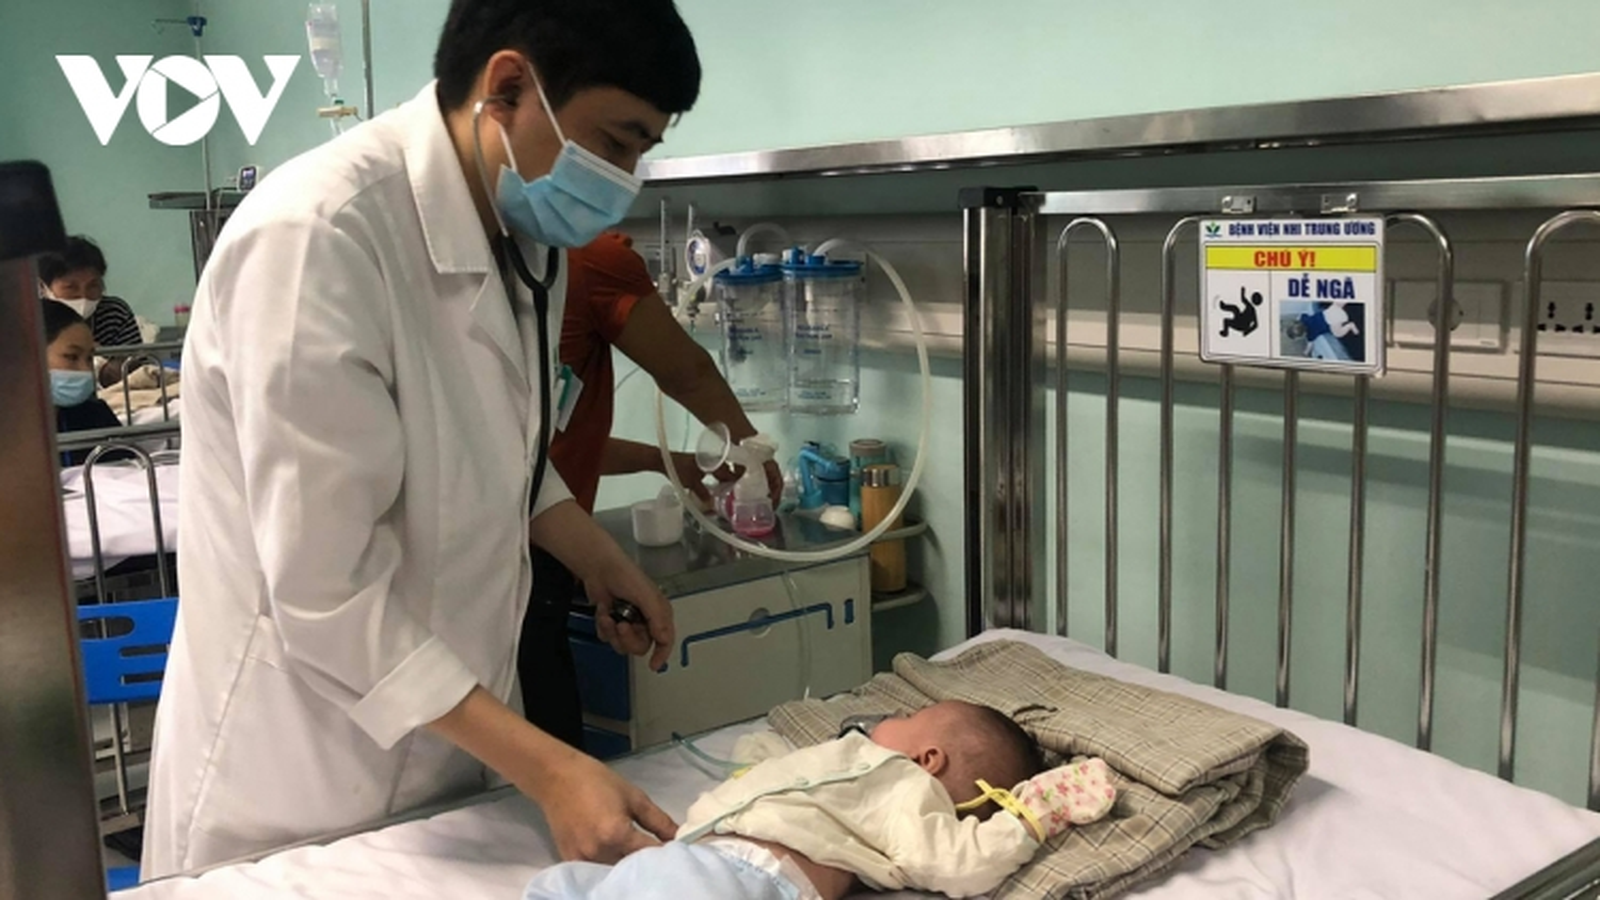 Nhiều trẻ nguy cơ biến chứng khi mắc virus hợp bào hô hấp (RSV)